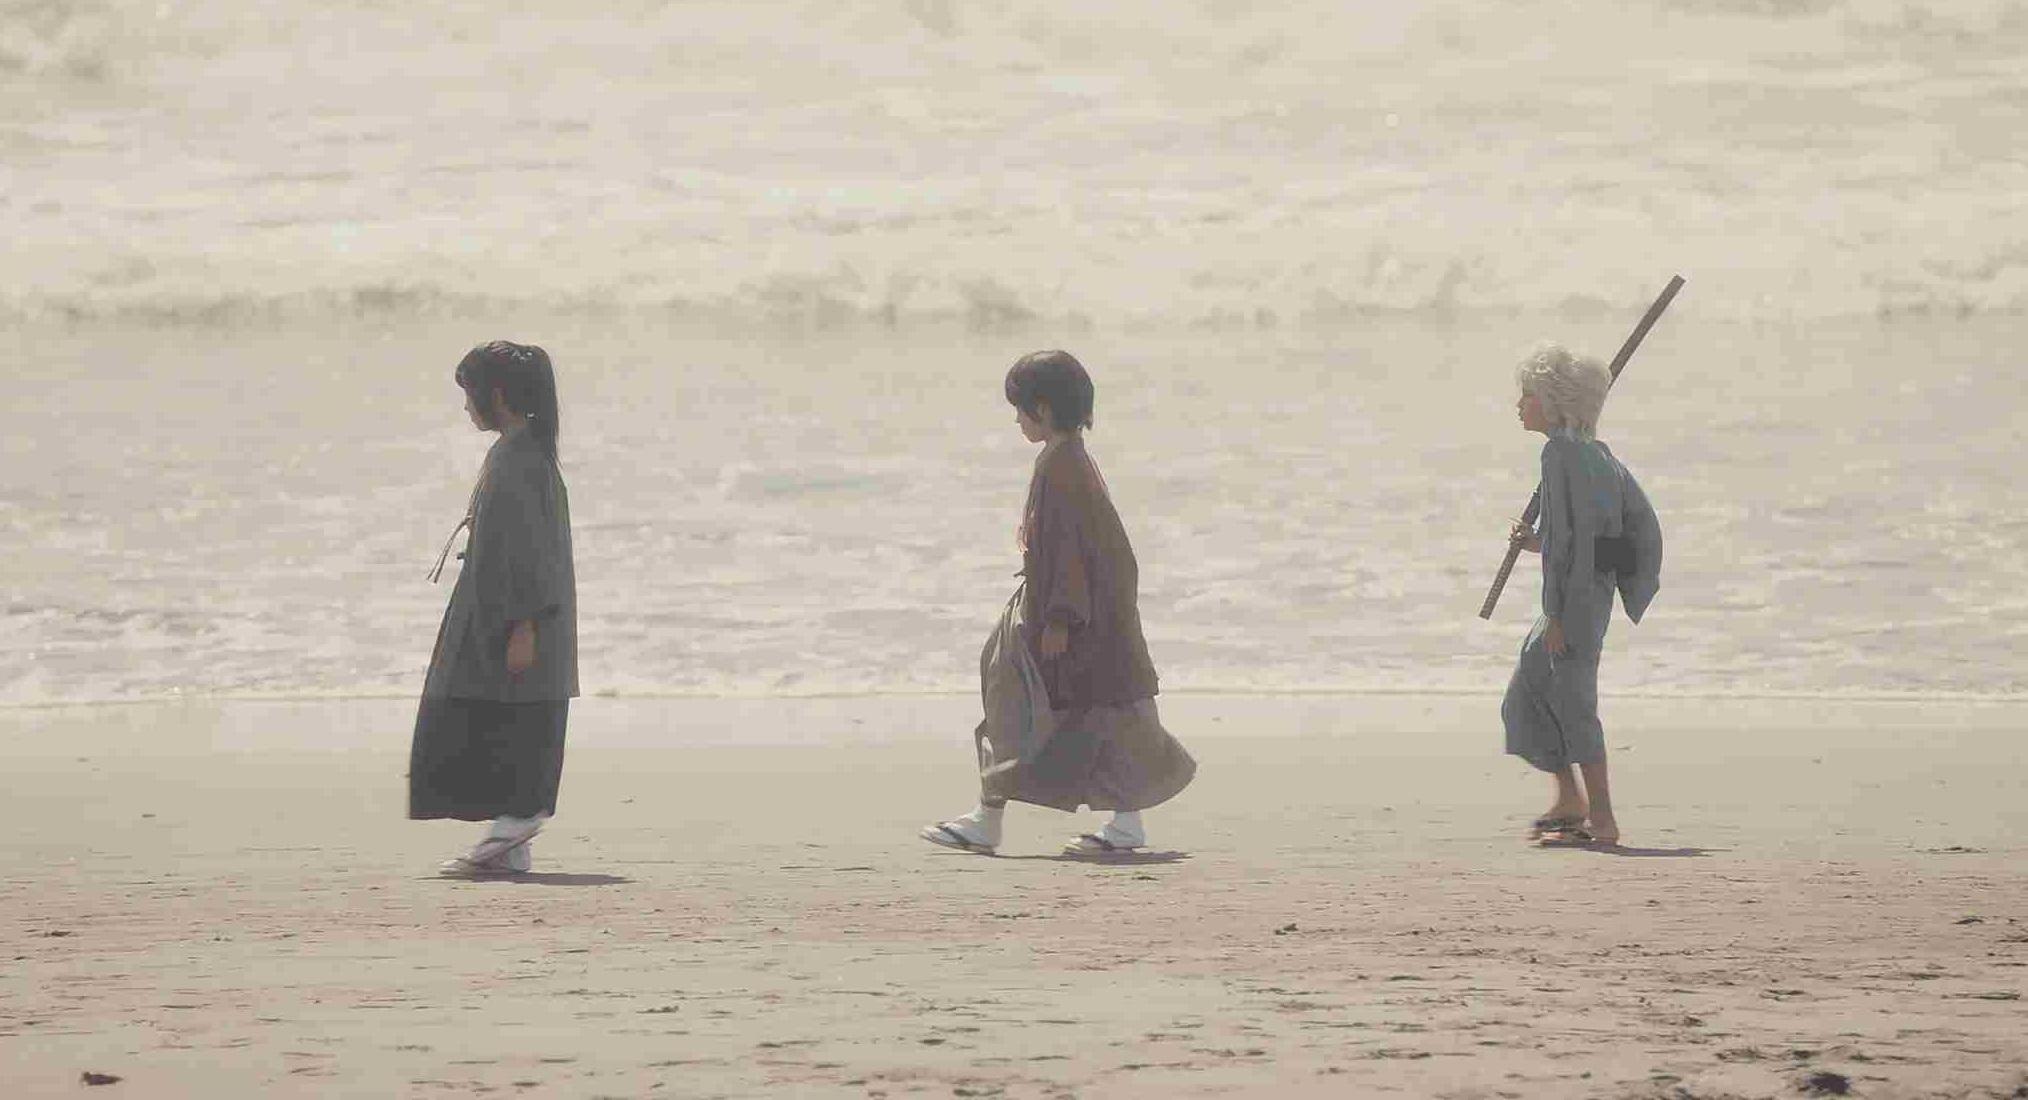 坂田銀時(小栗旬)、桂小太郎(岡田将生)、高杉晋助(堂本剛)の子ども時代 映画『銀魂』